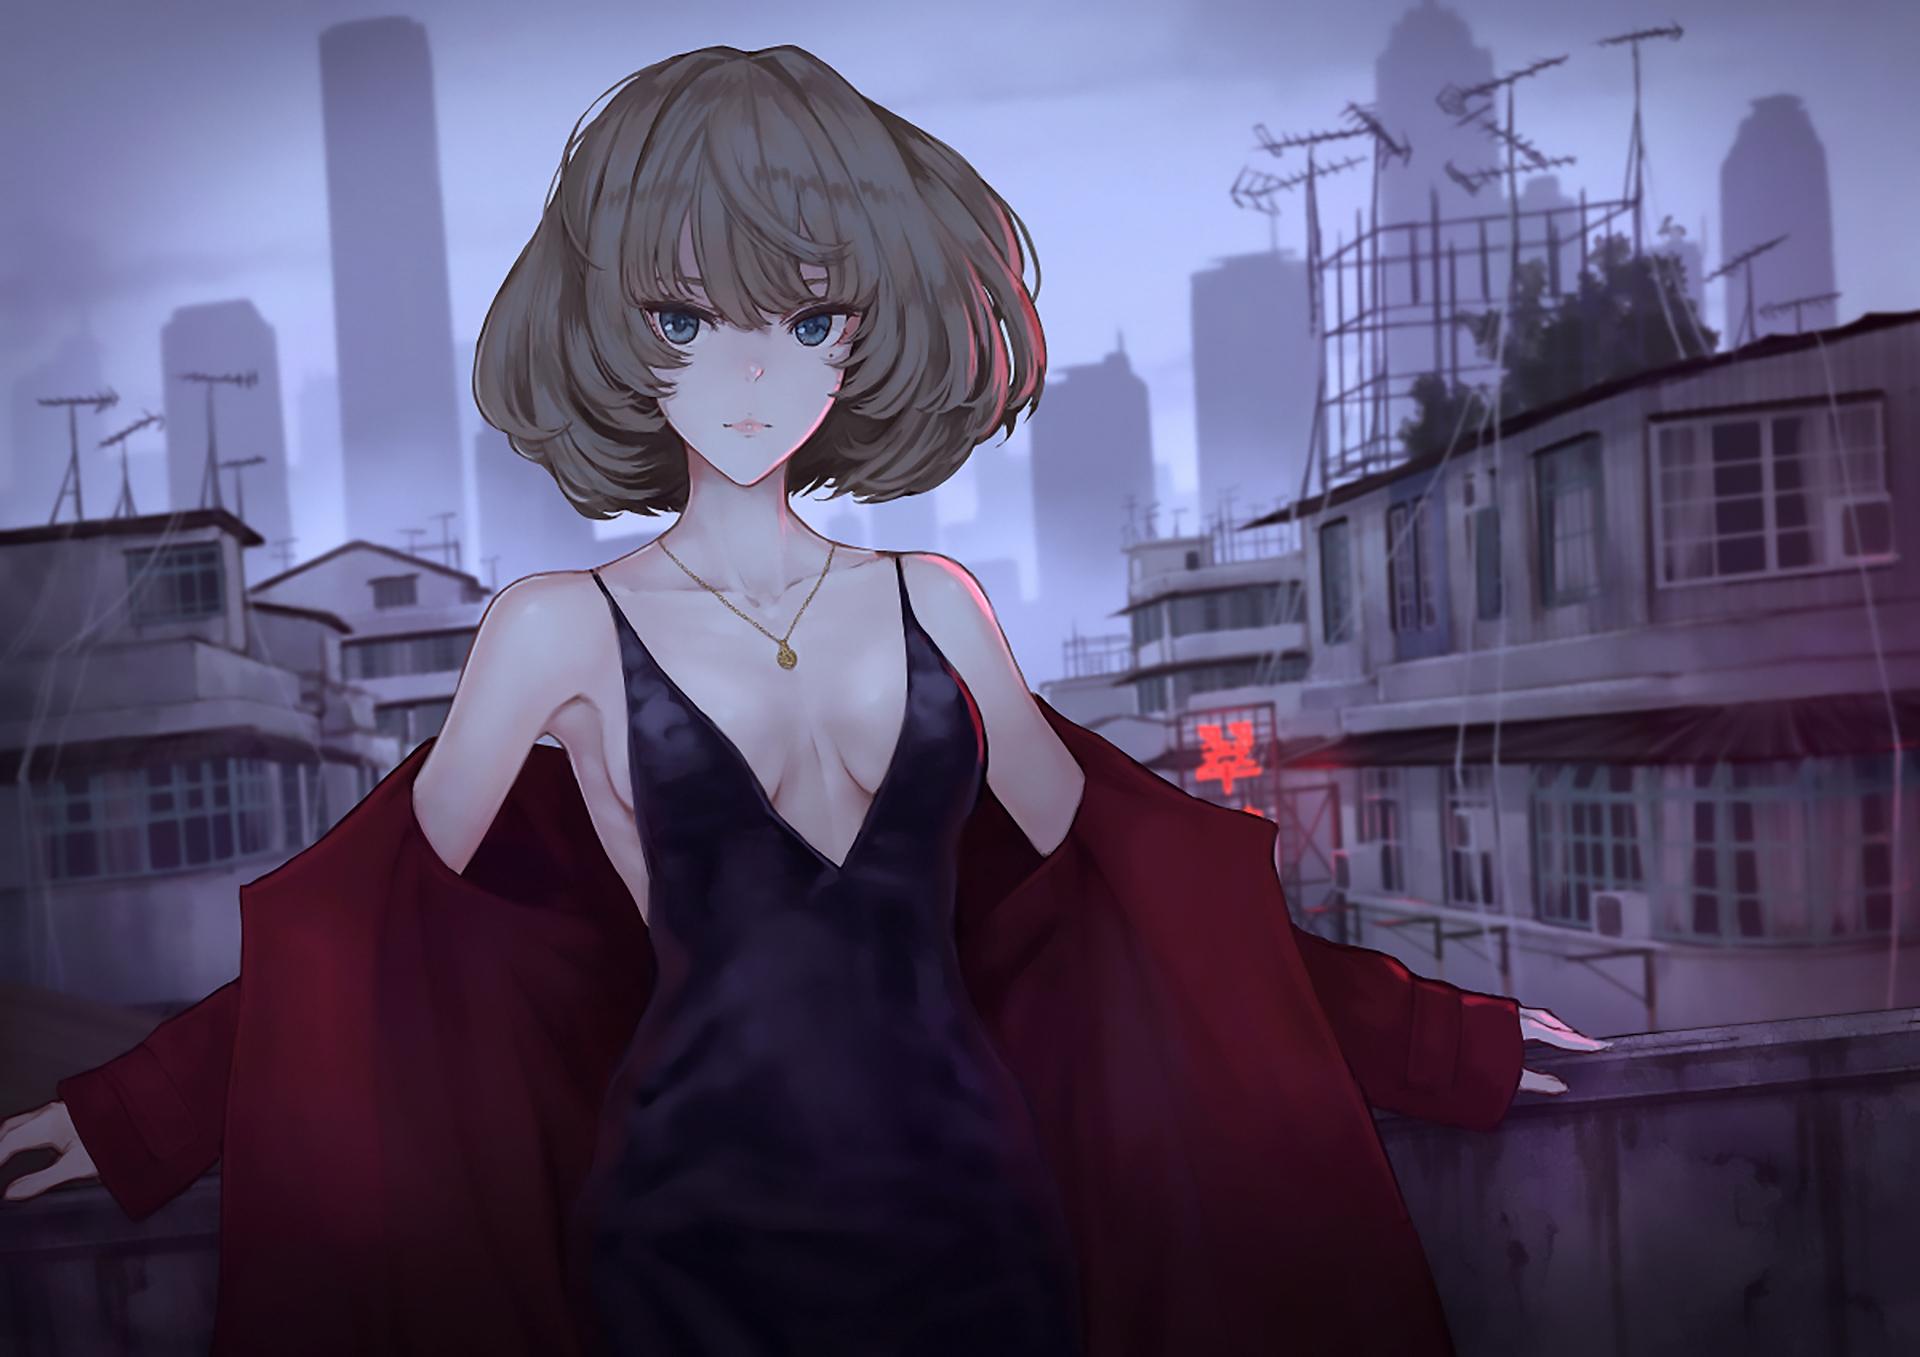 Anime Original 1920x1357